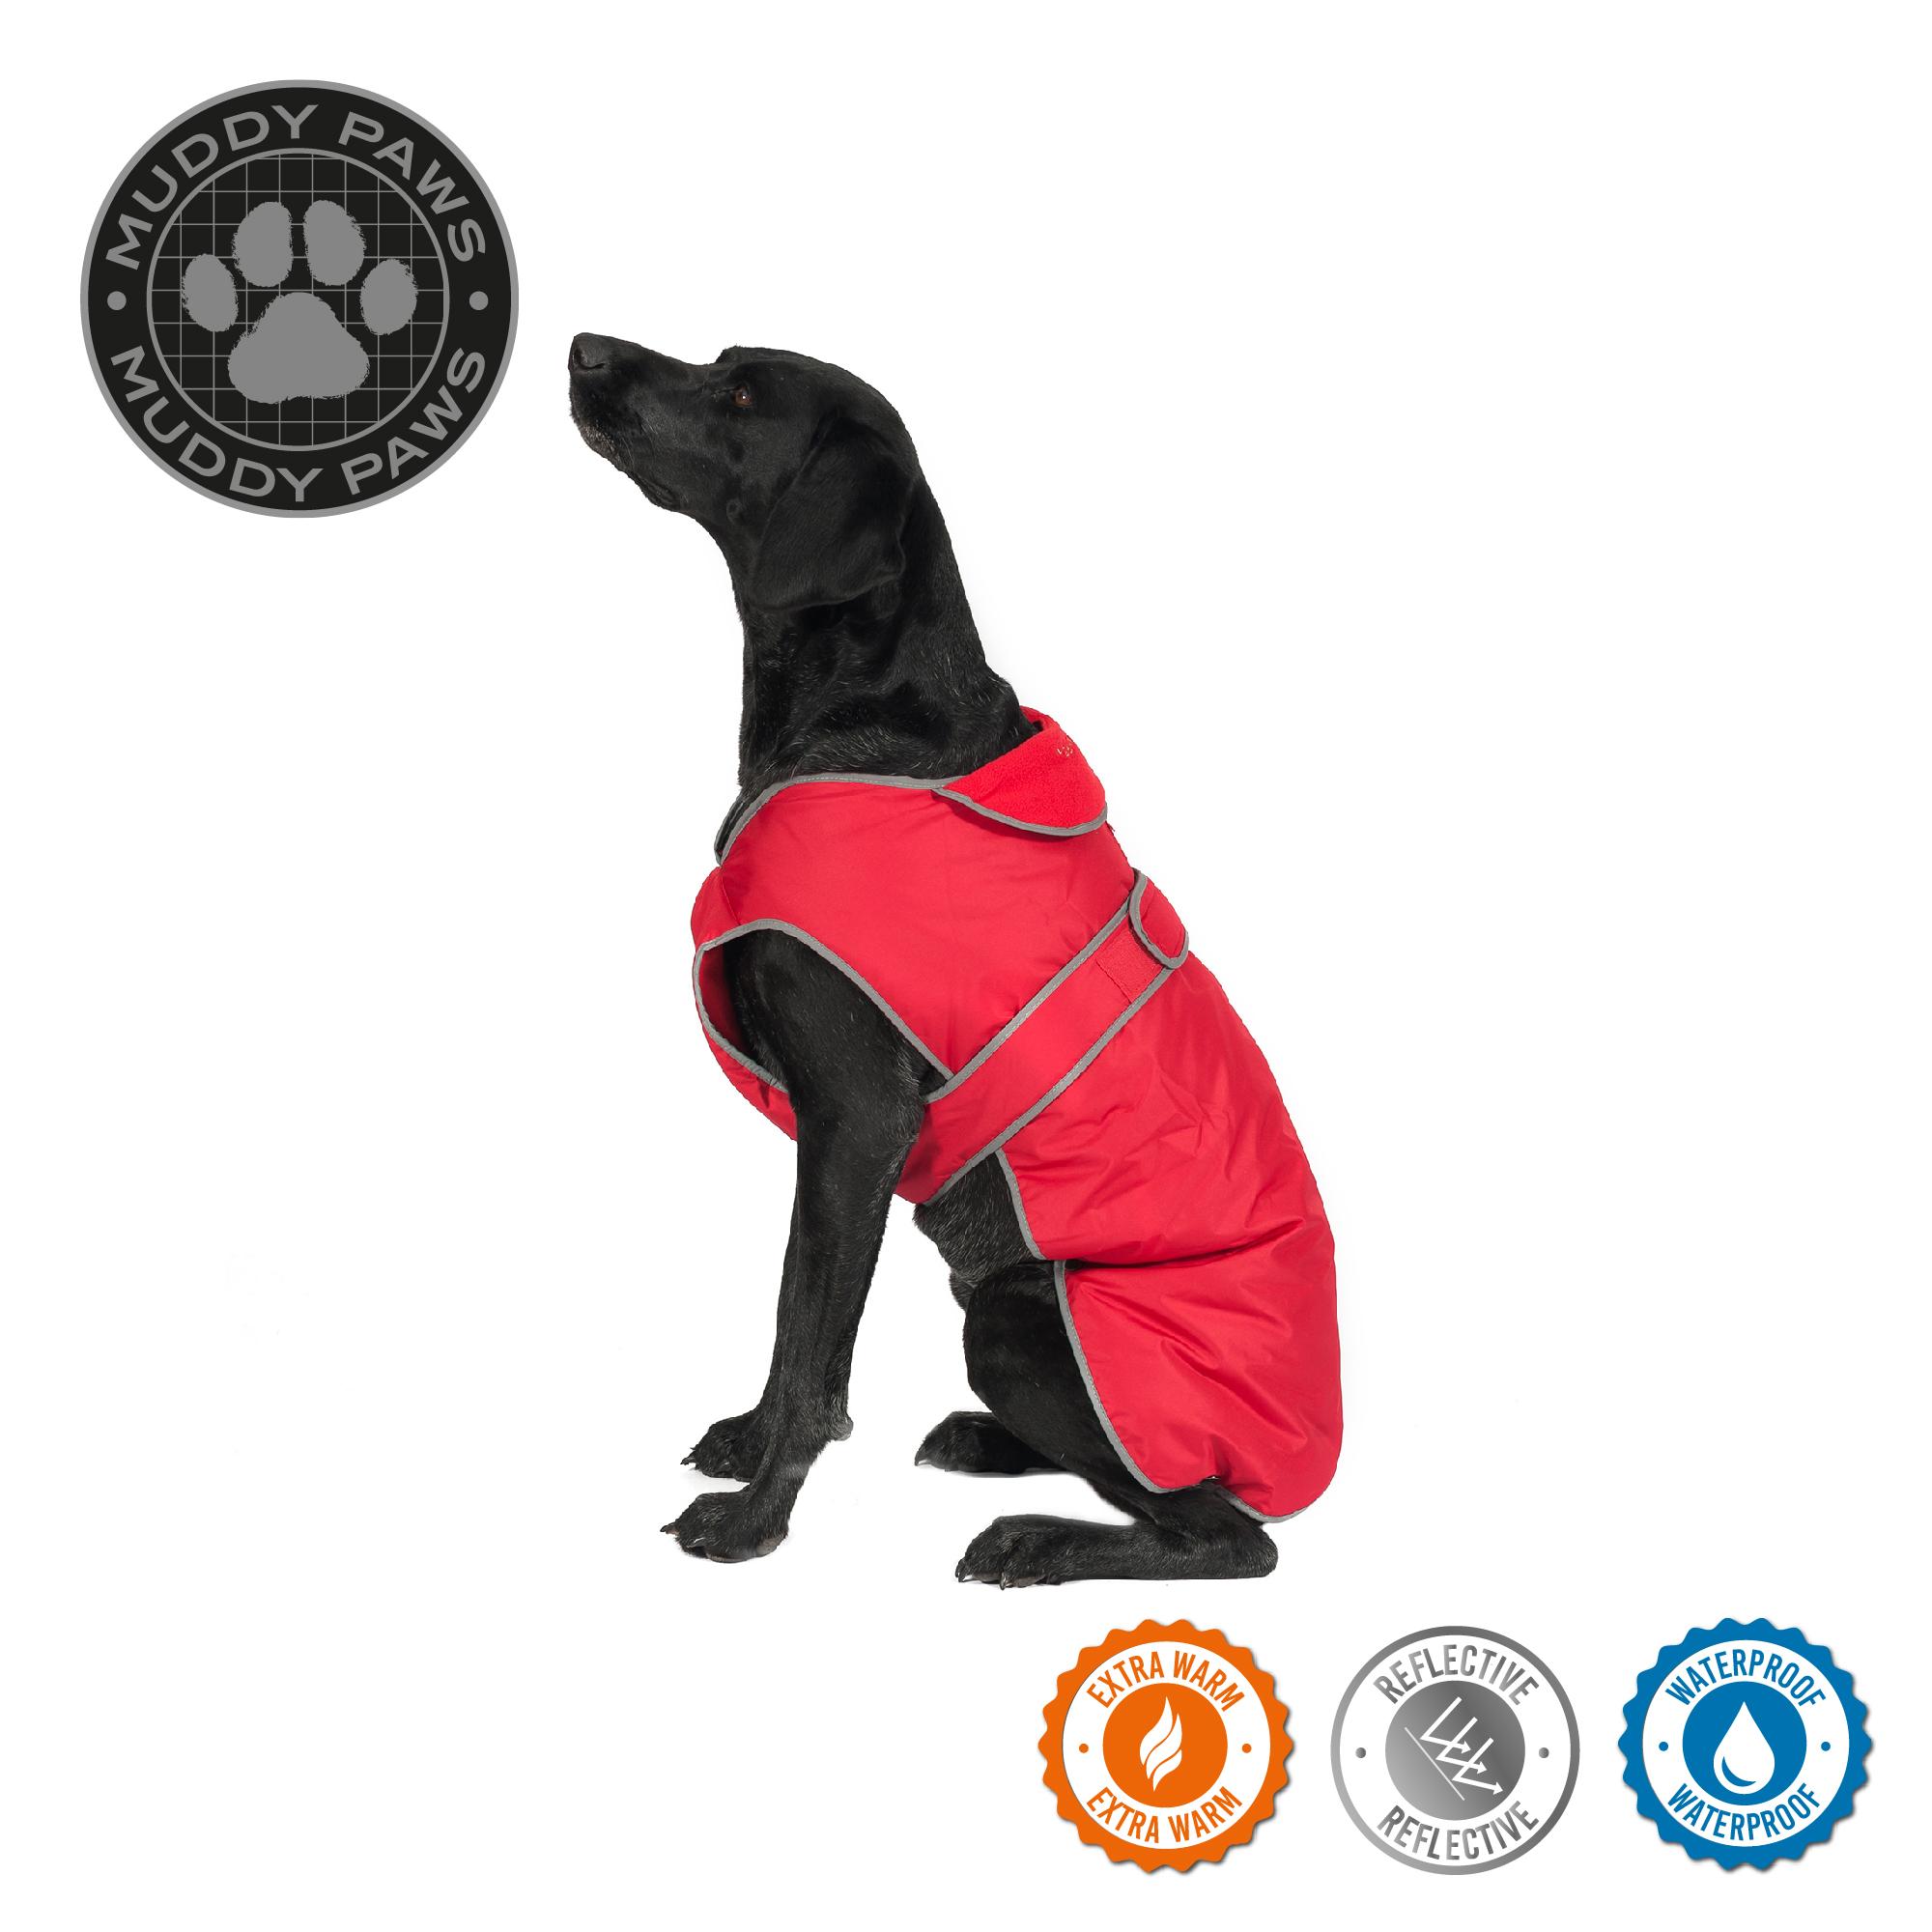 Obleček pro psy stormguard - červený